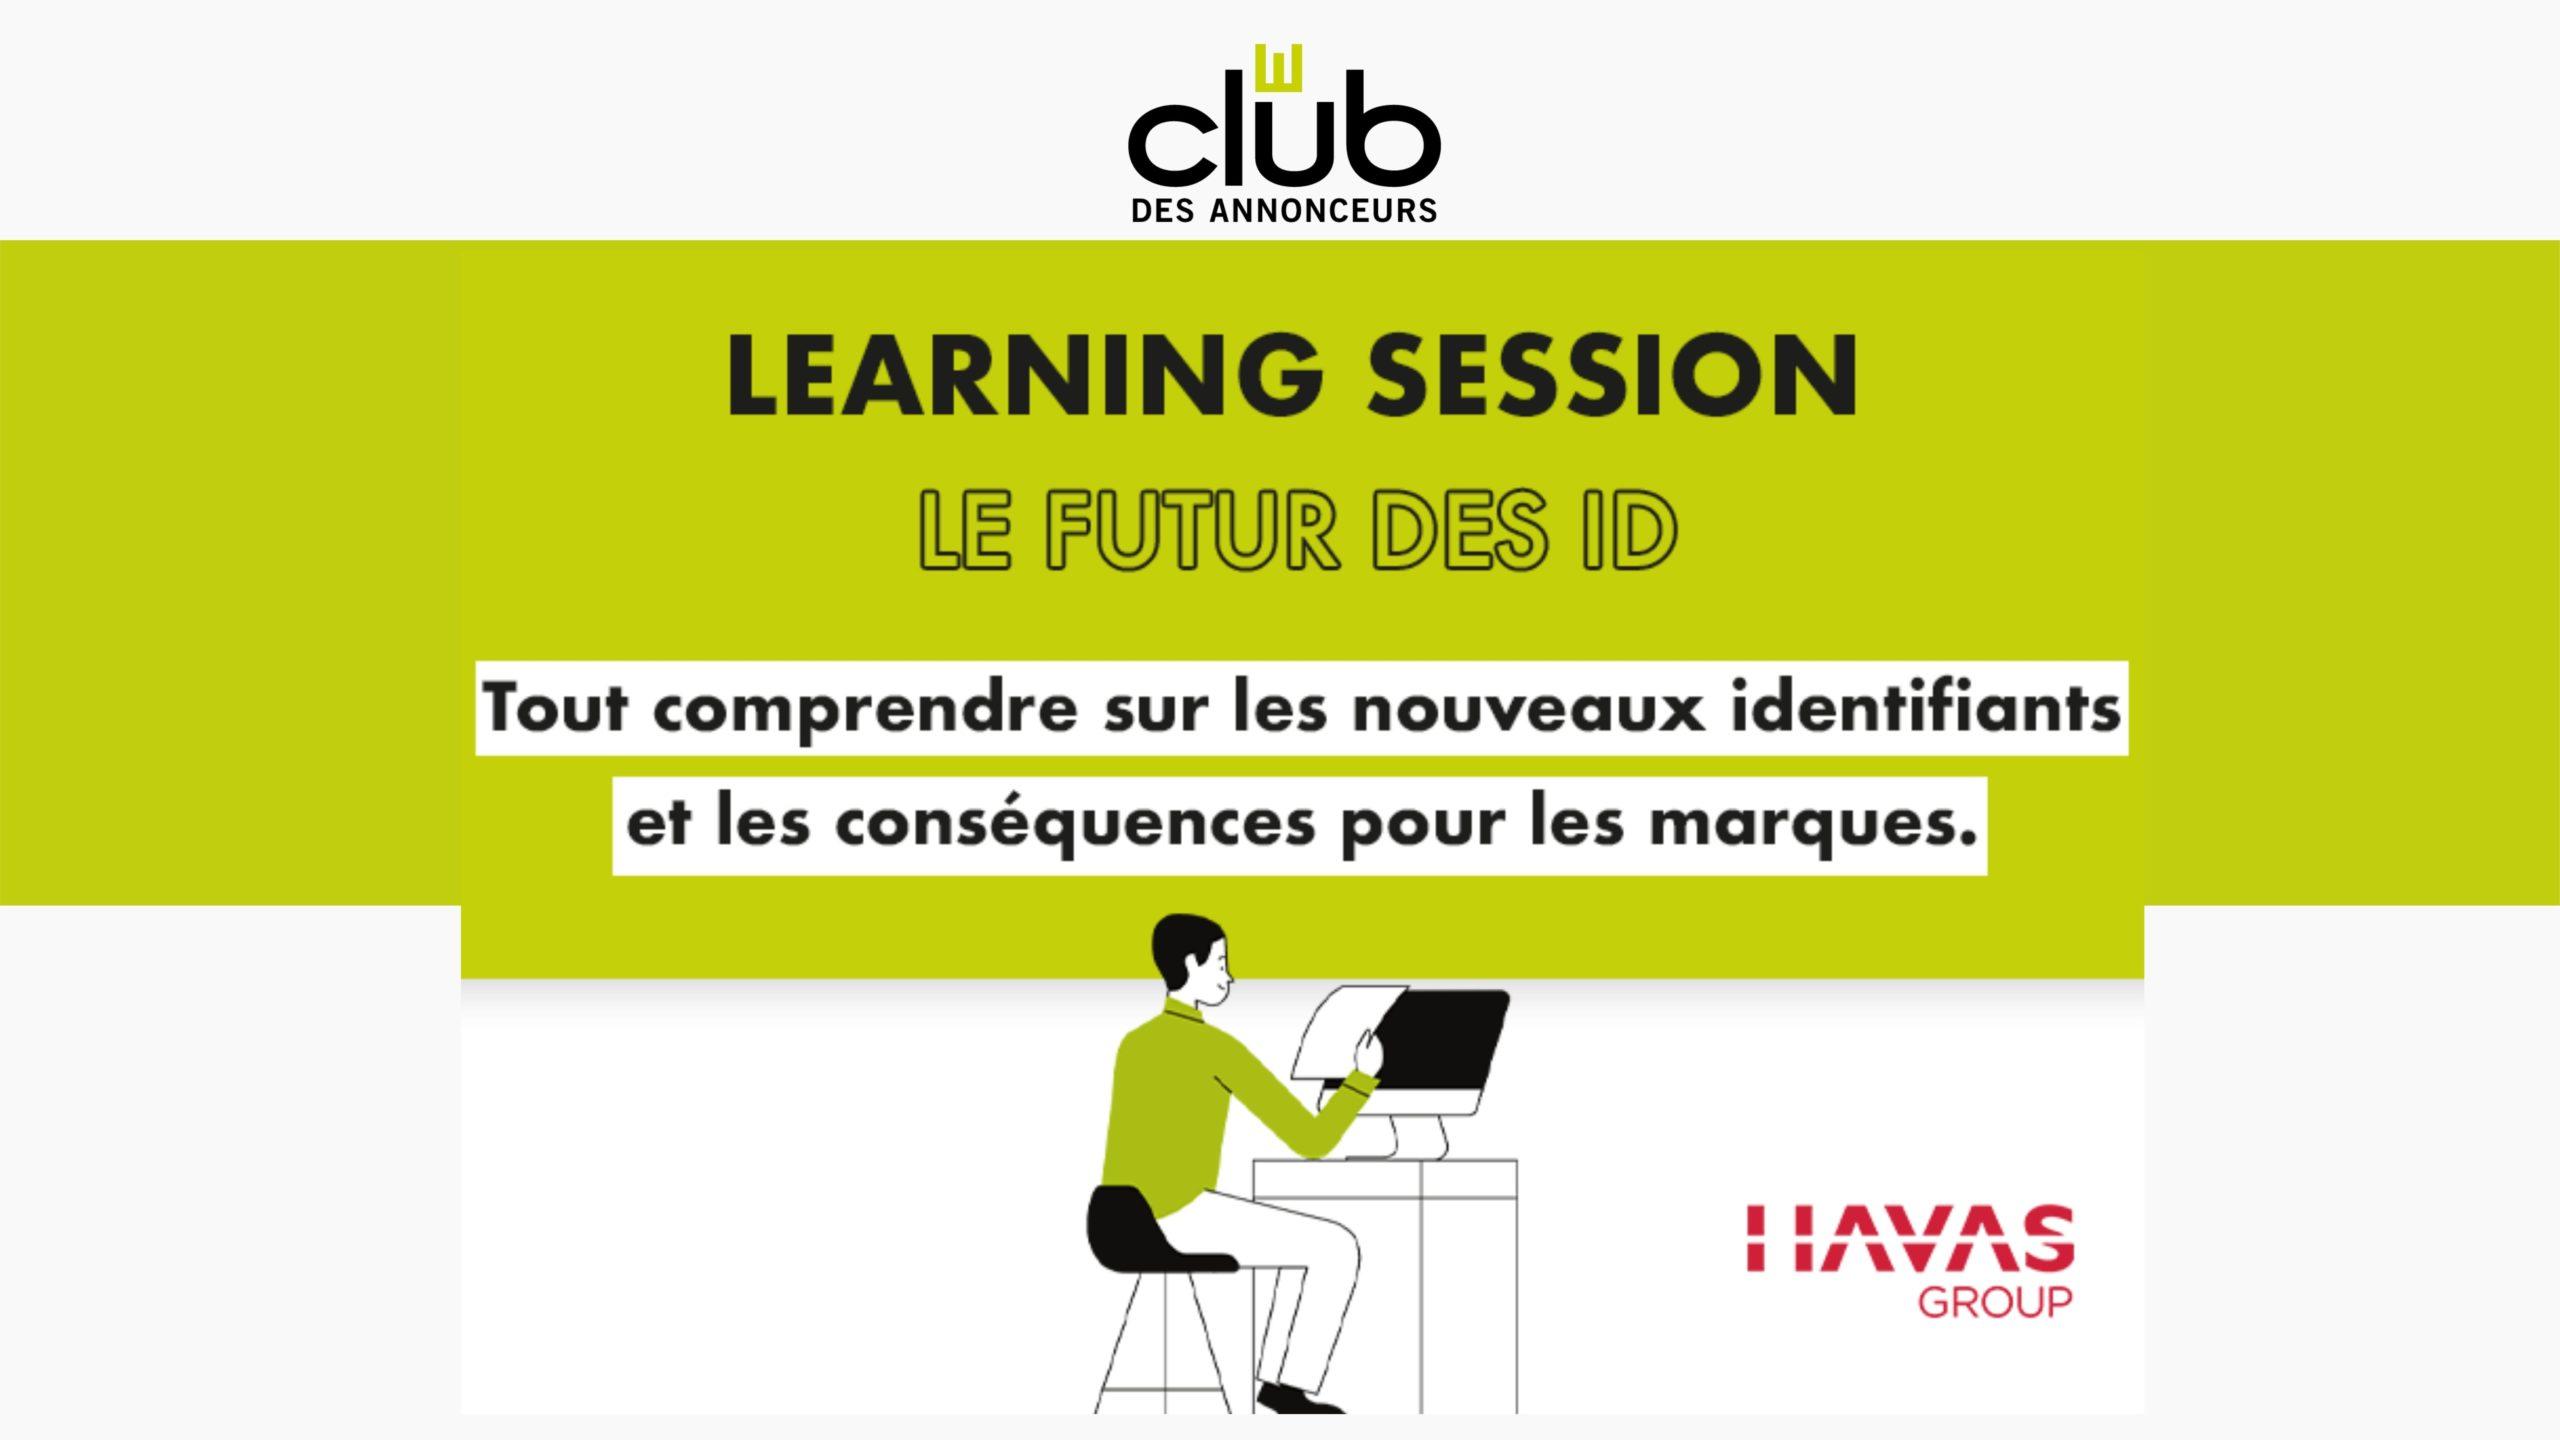 Learning session sur les nouveaux identifiants digitaux